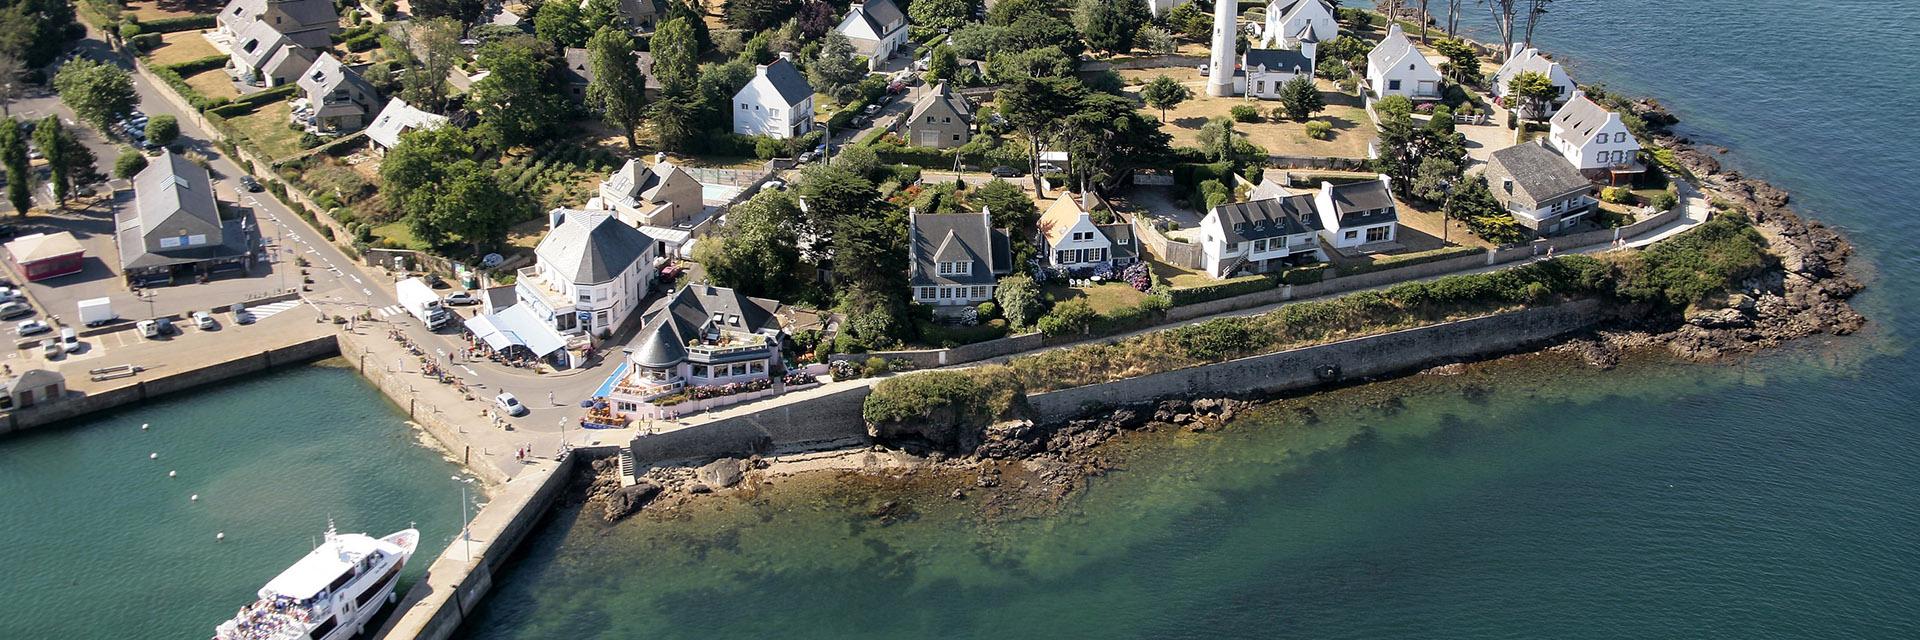 Escapade dans le Golfe du Morbihan - La Pierre Bleue